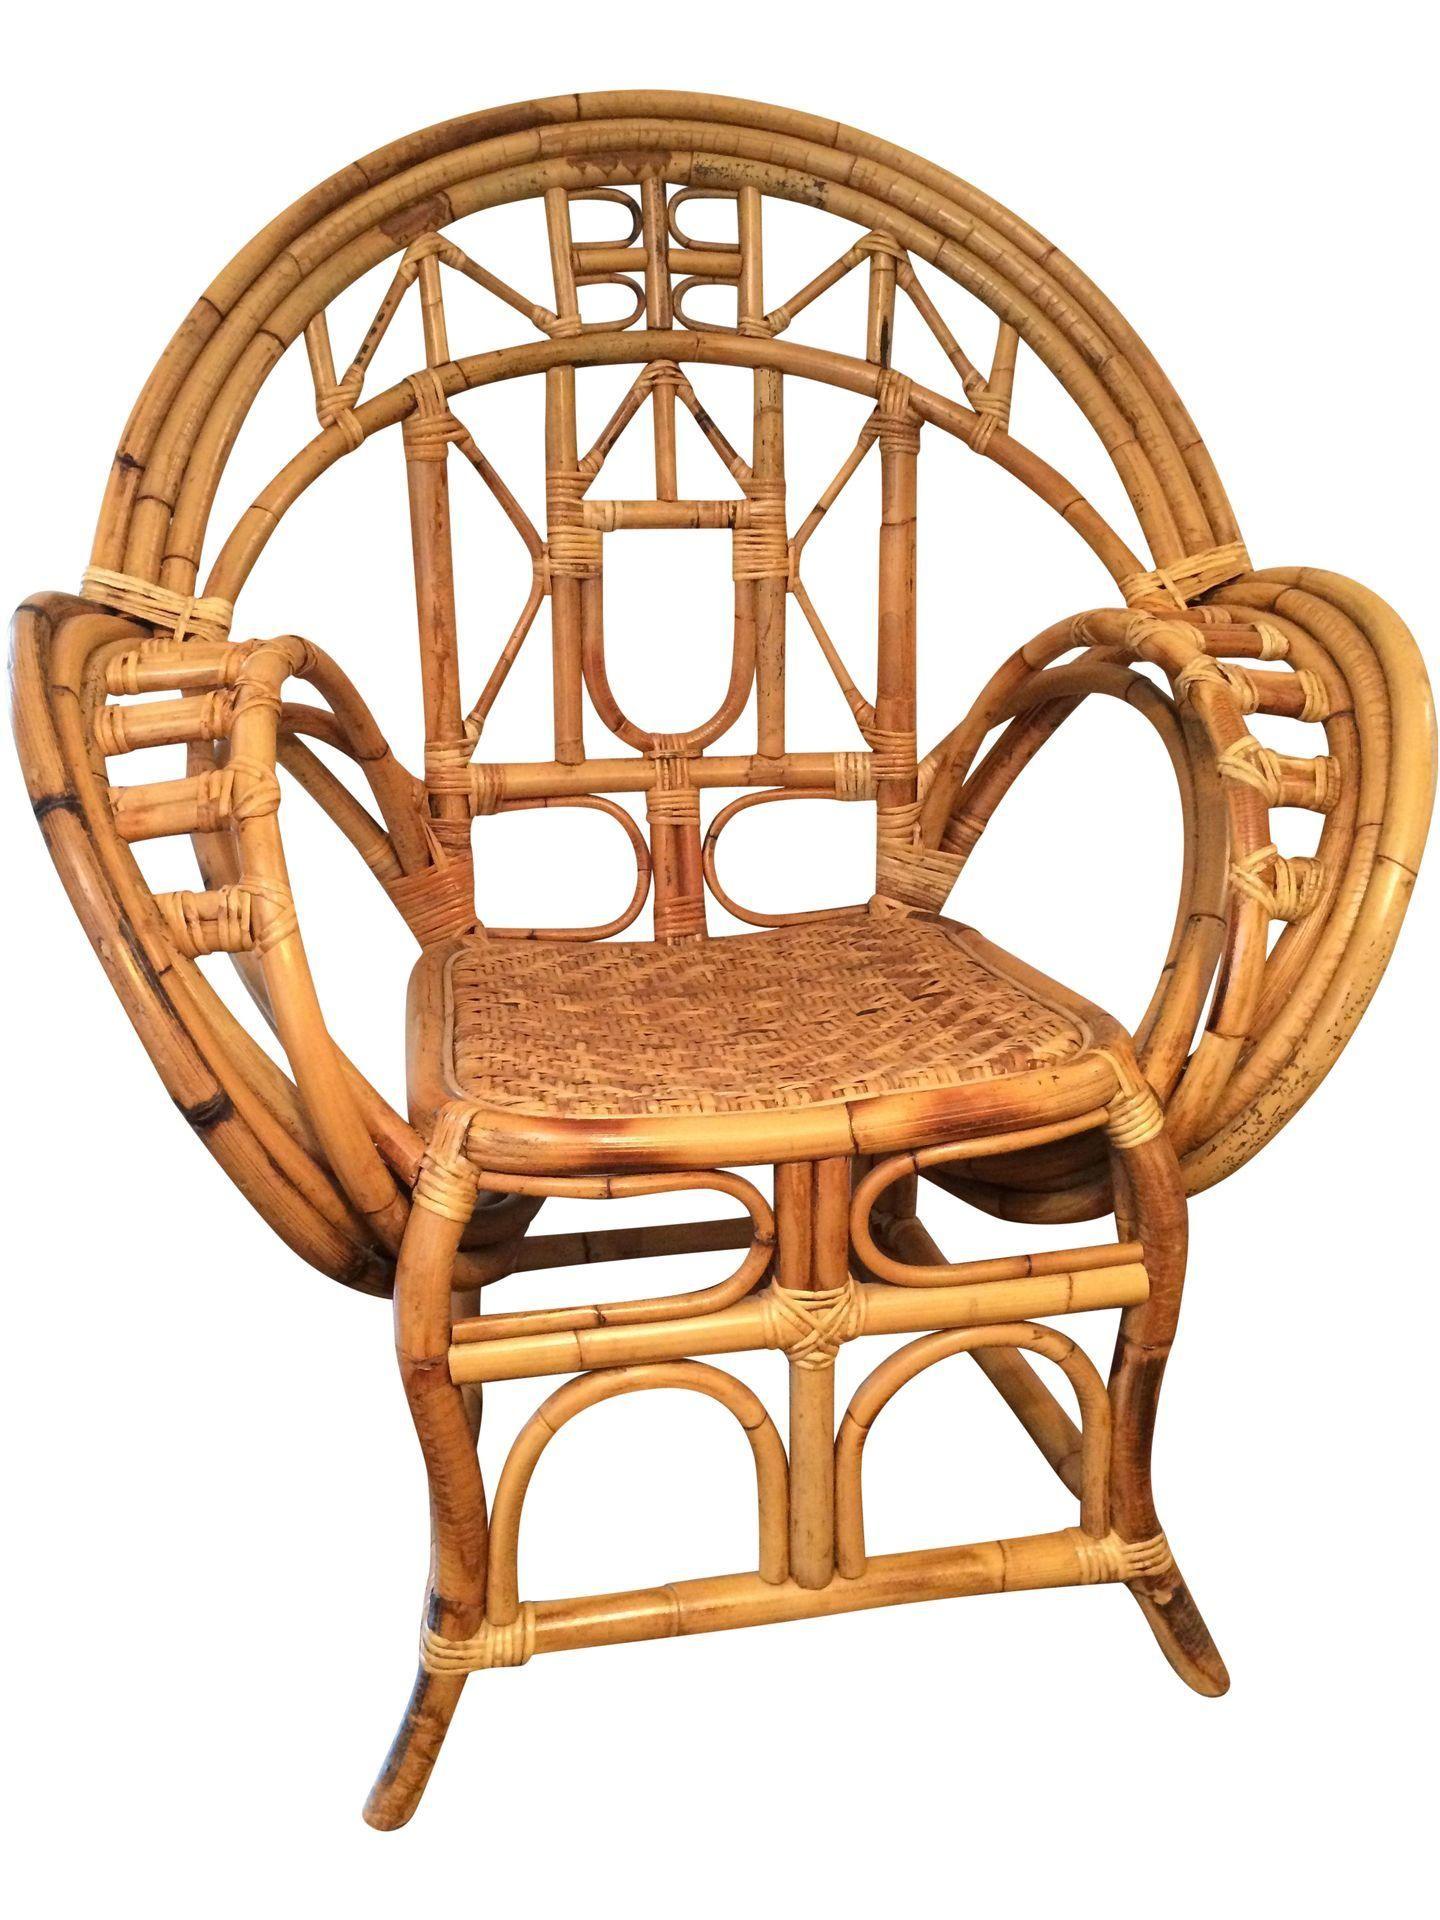 Franco Albini Rattan Chair Http Www Upscaleresalect Com Seating  # Muebles Koperi Merida